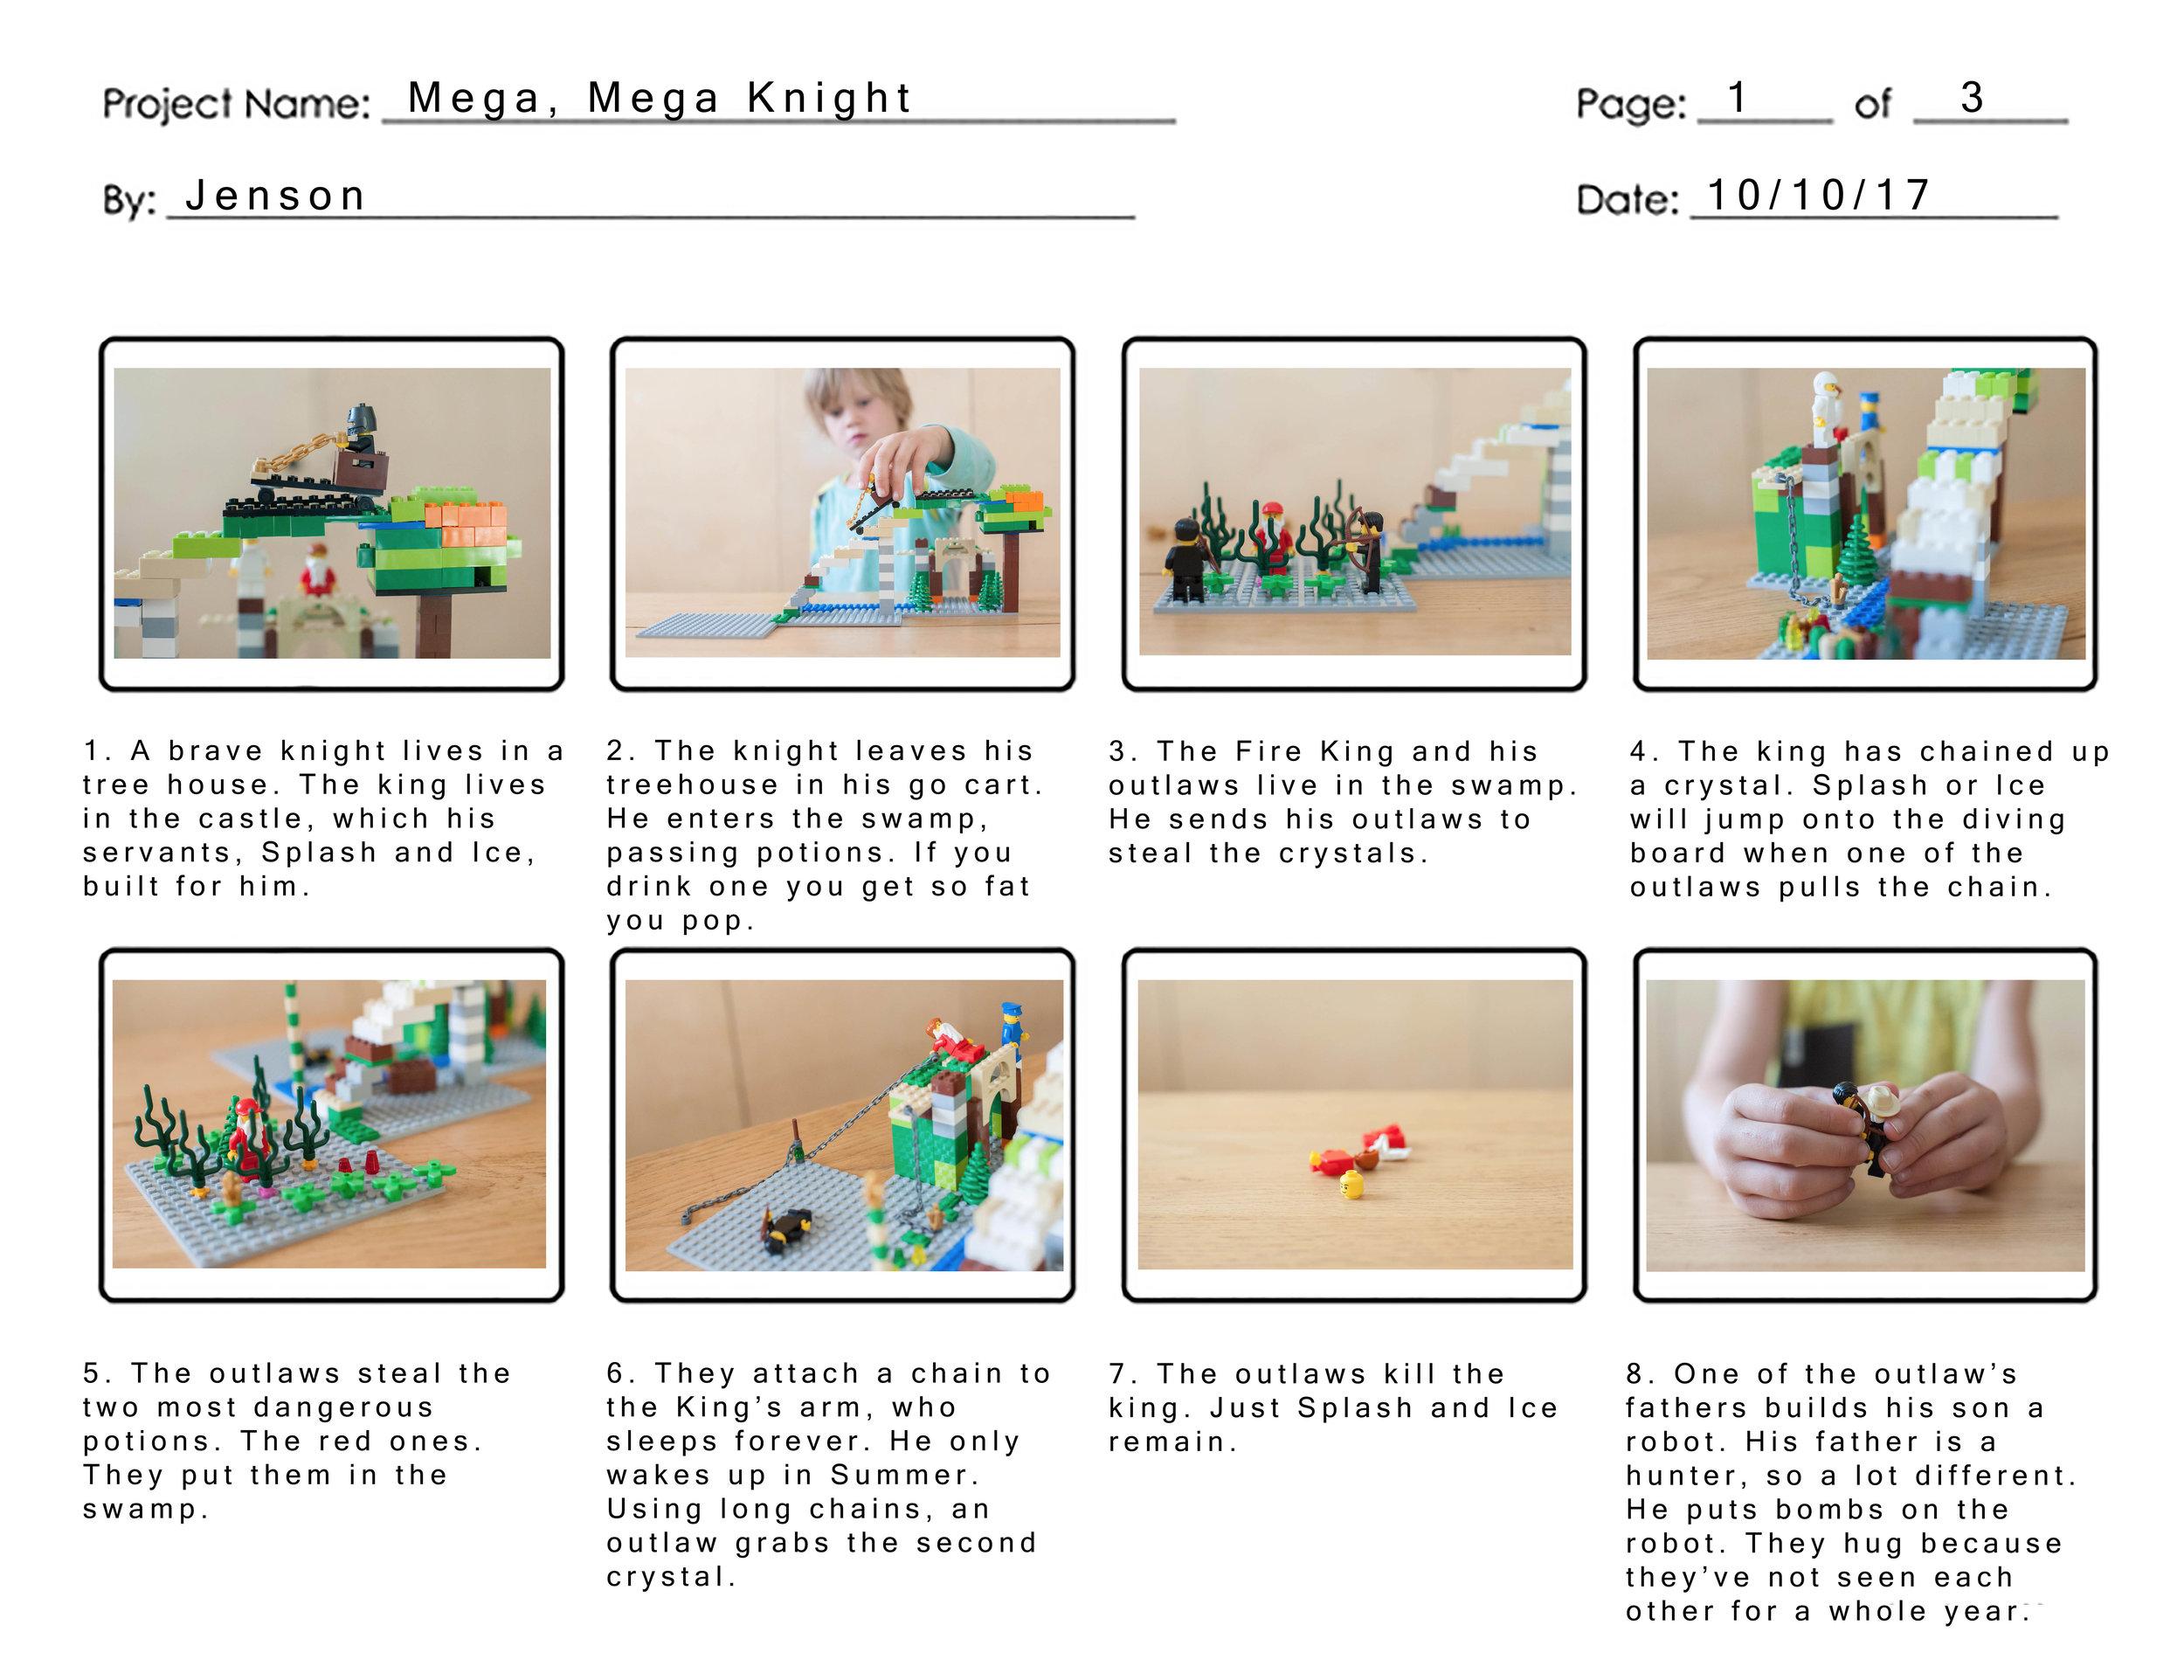 01_mega knight.jpg